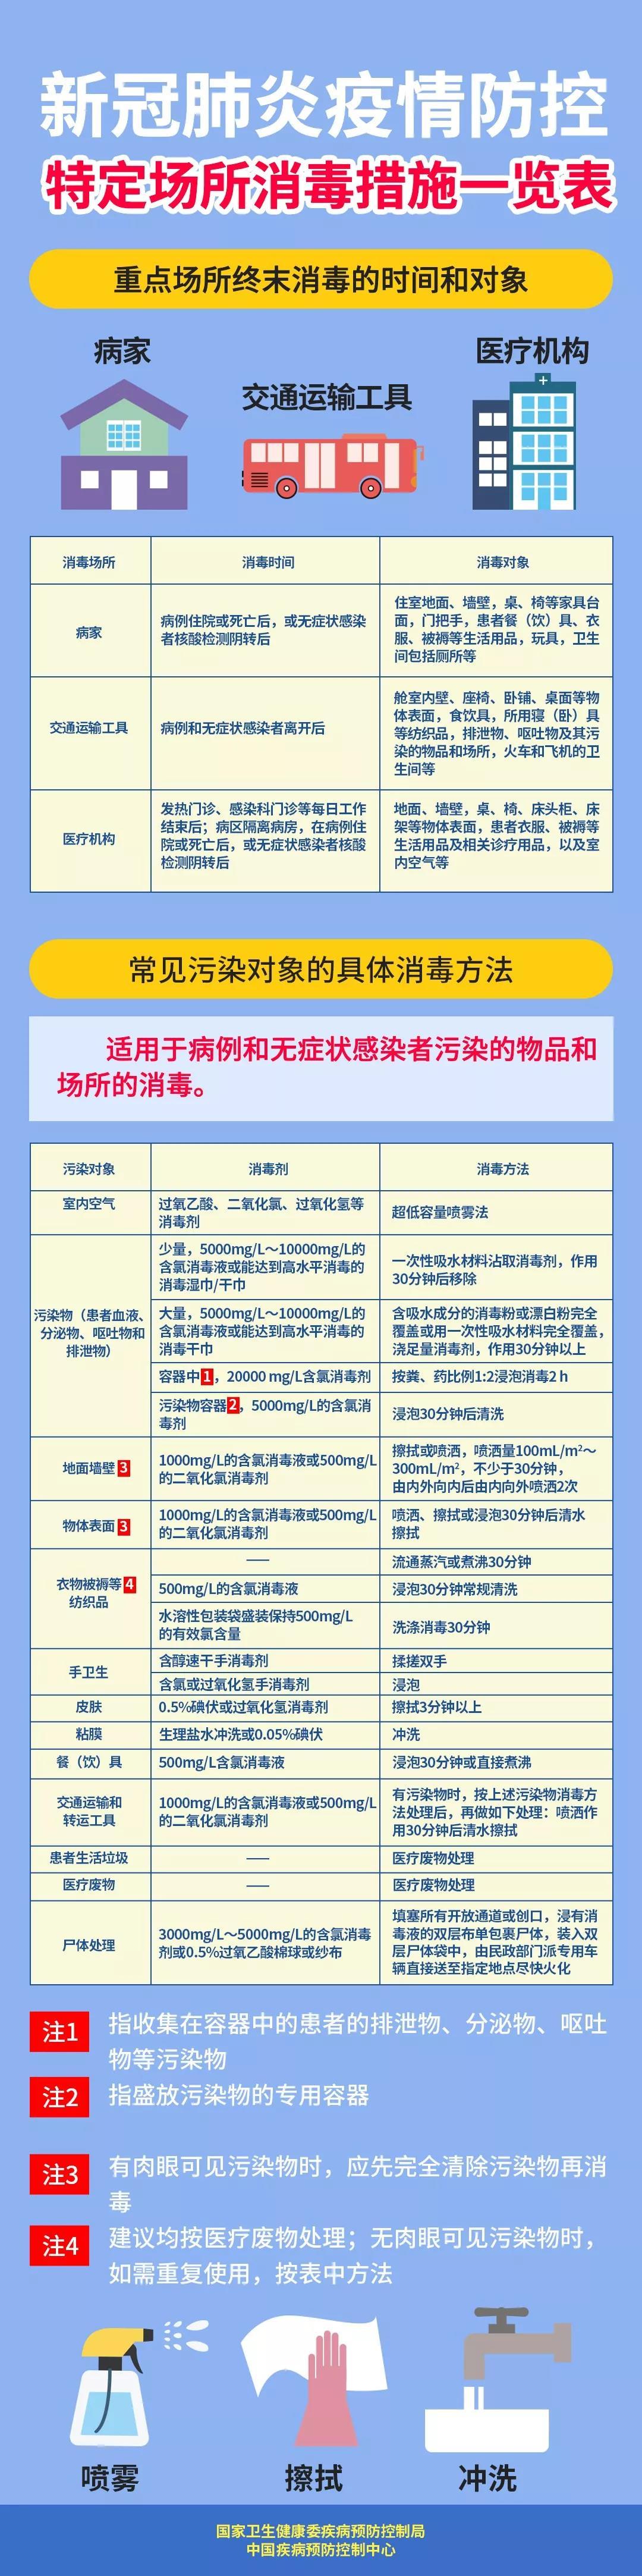 雷电竞app苹果下载雷电竞app官方